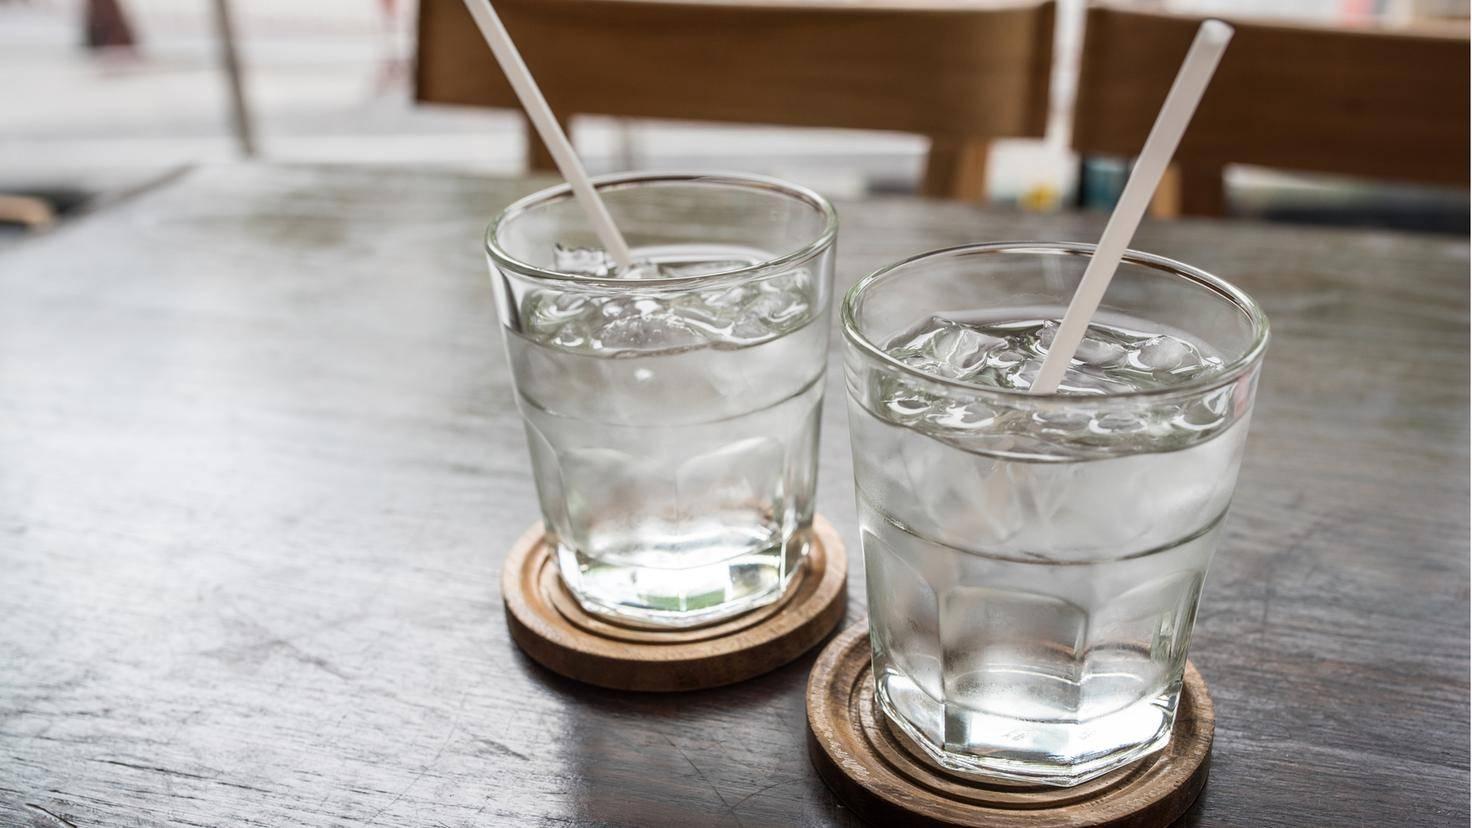 Wasser hat keine einzige Kalorie.